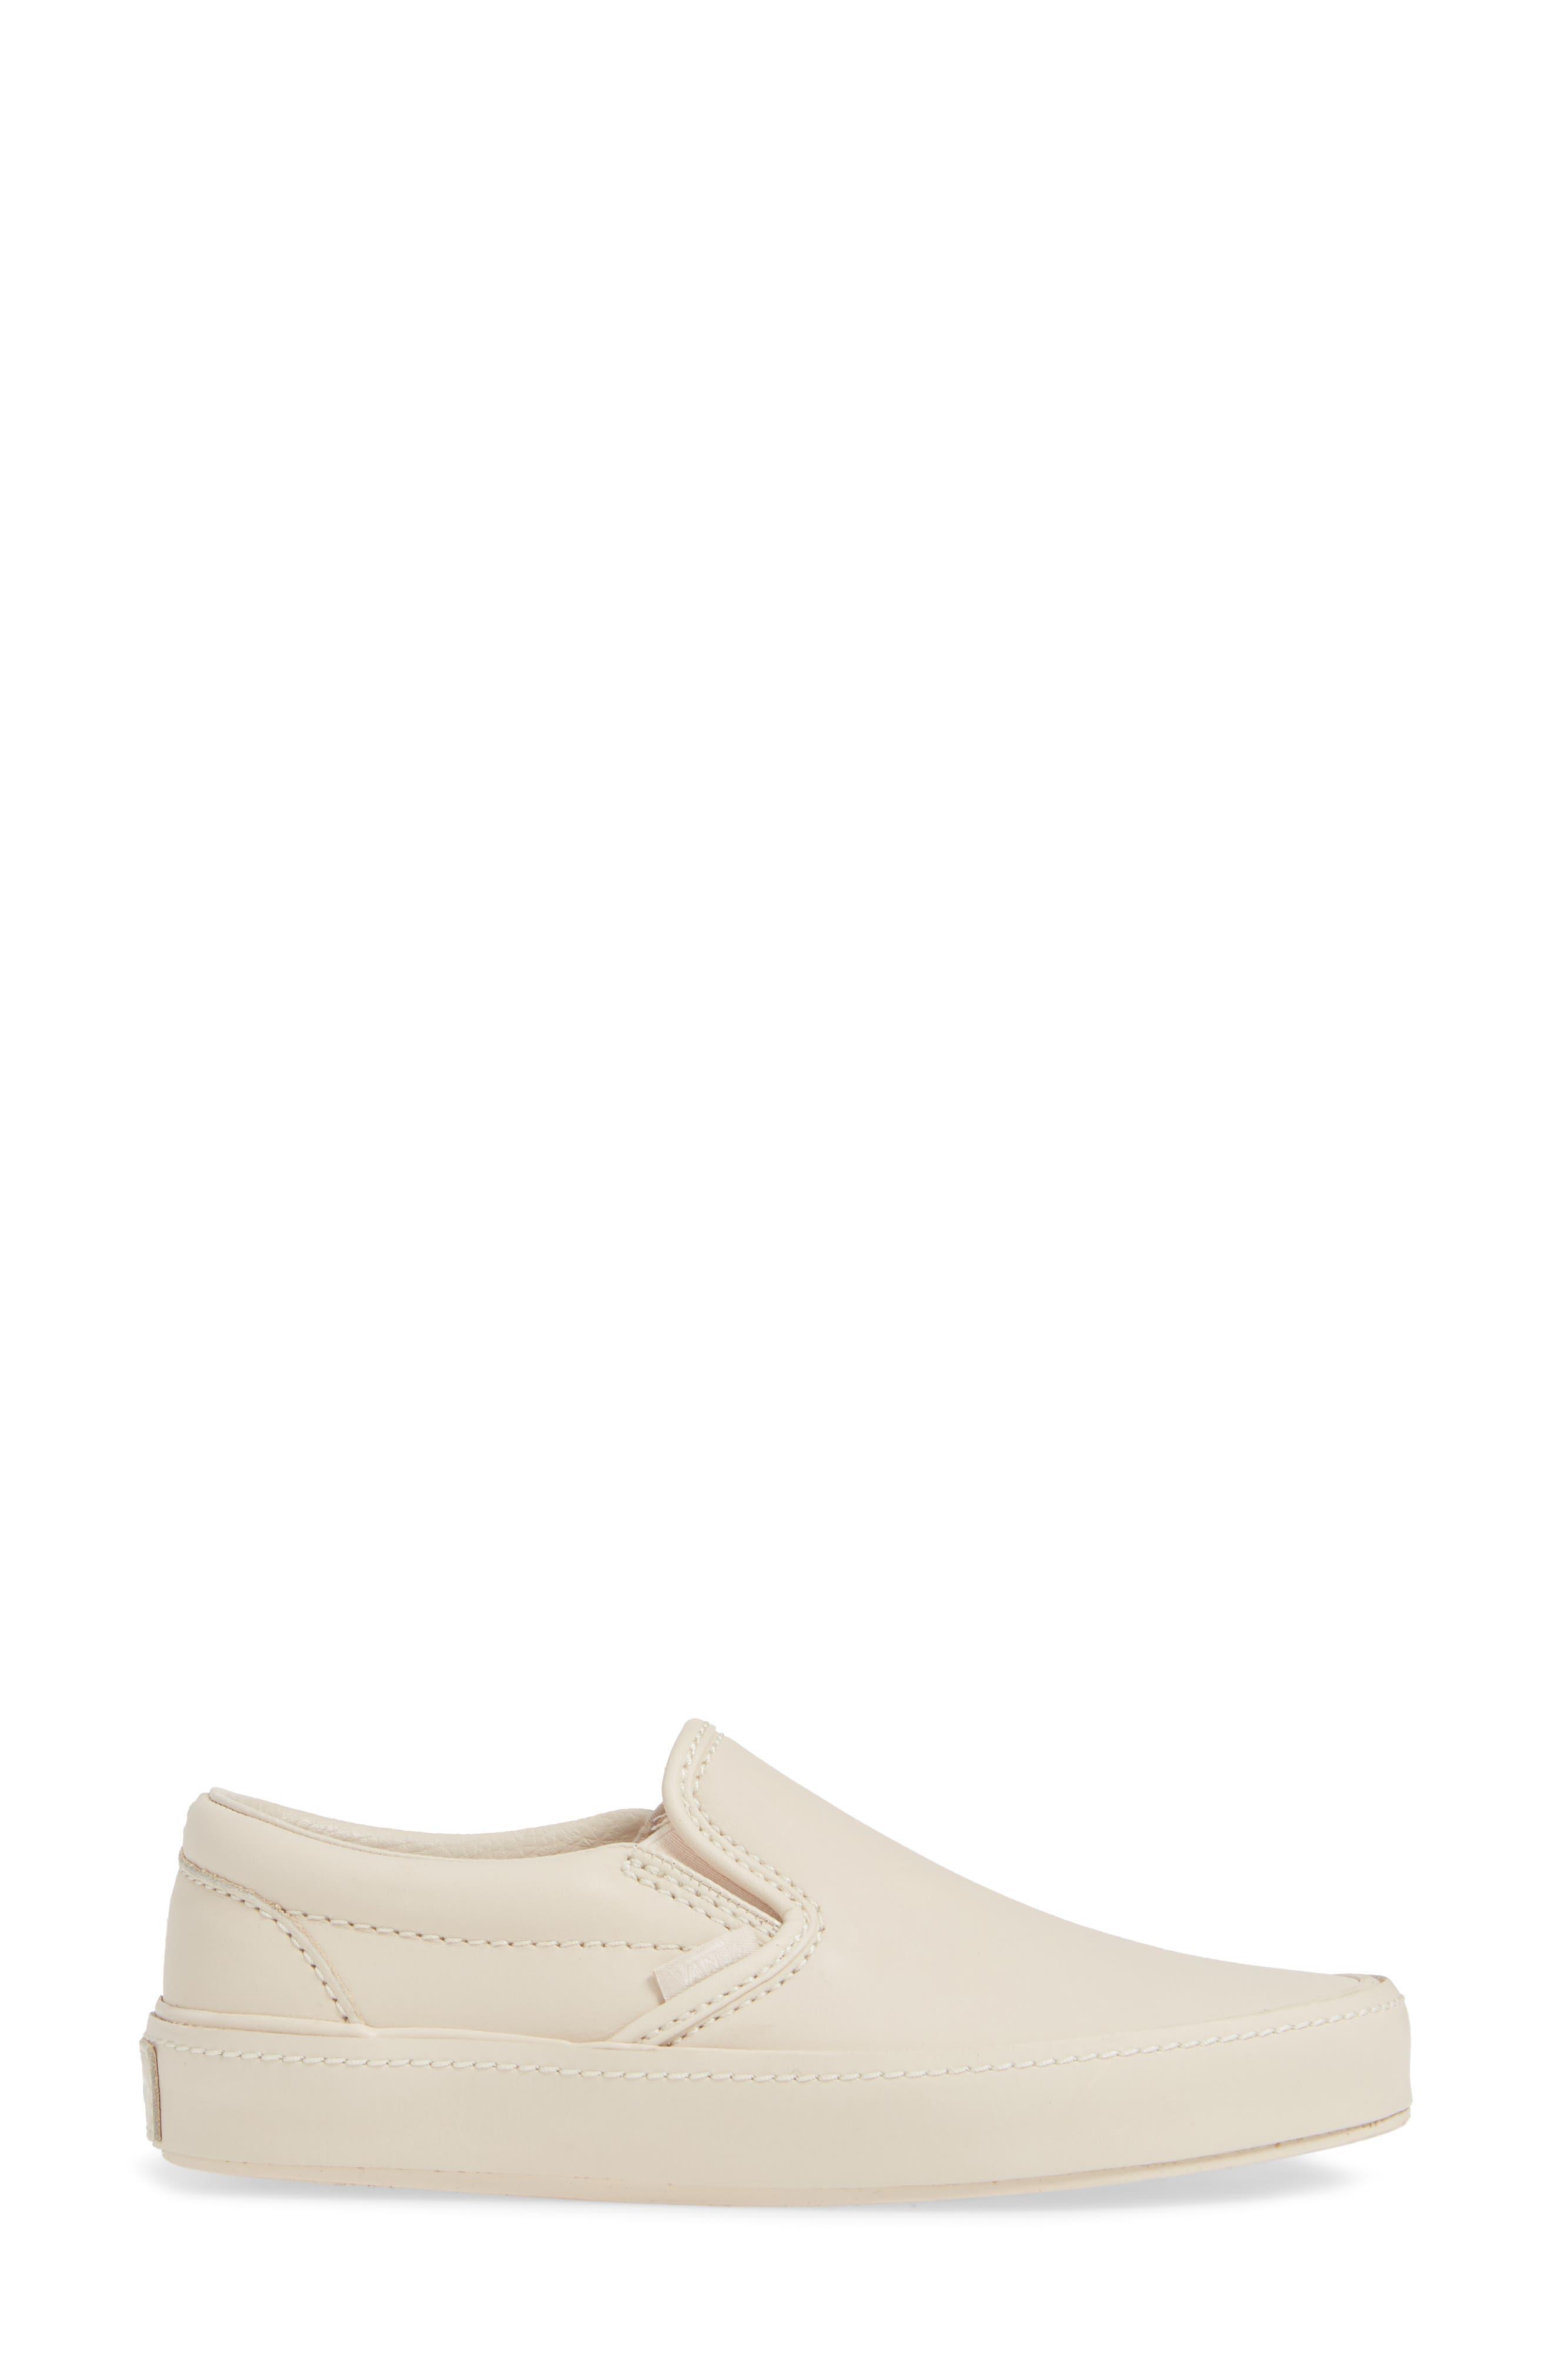 VANS,                             Classic Leather Slip-On Sneaker,                             Alternate thumbnail 3, color,                             270